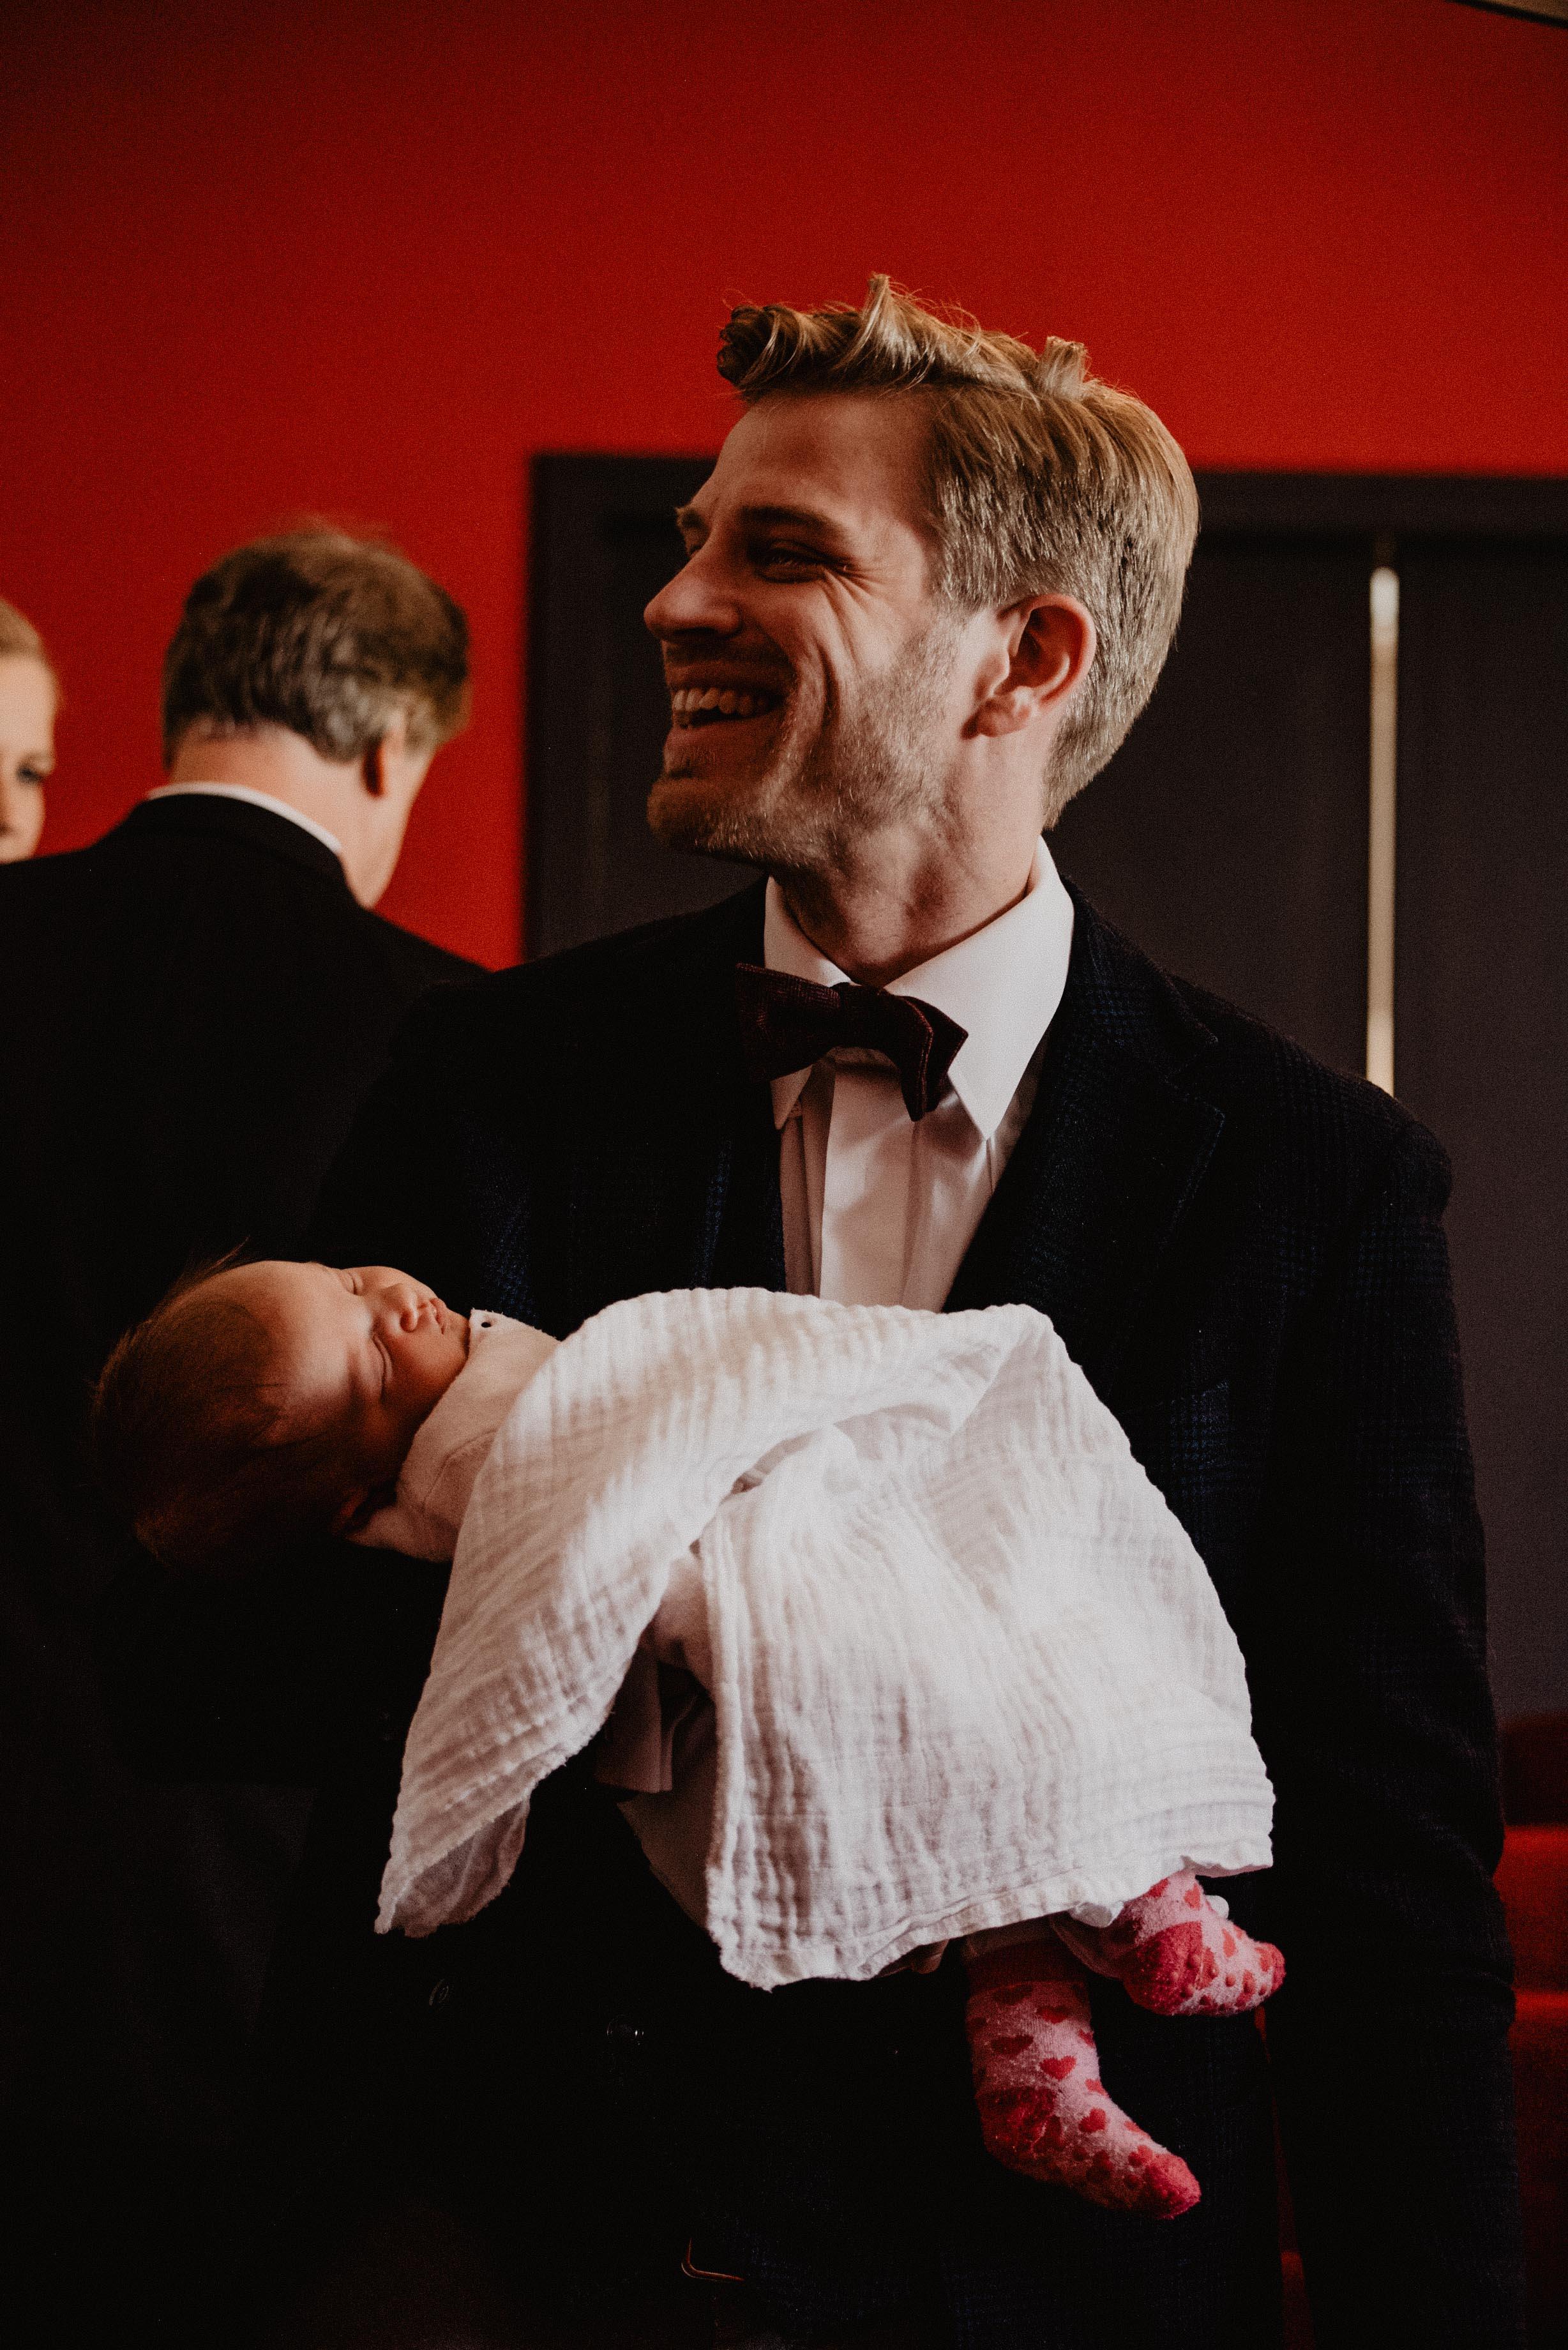 Elena und Michael_Wedding 18.5.2018 Hochzeit-2843.jpg